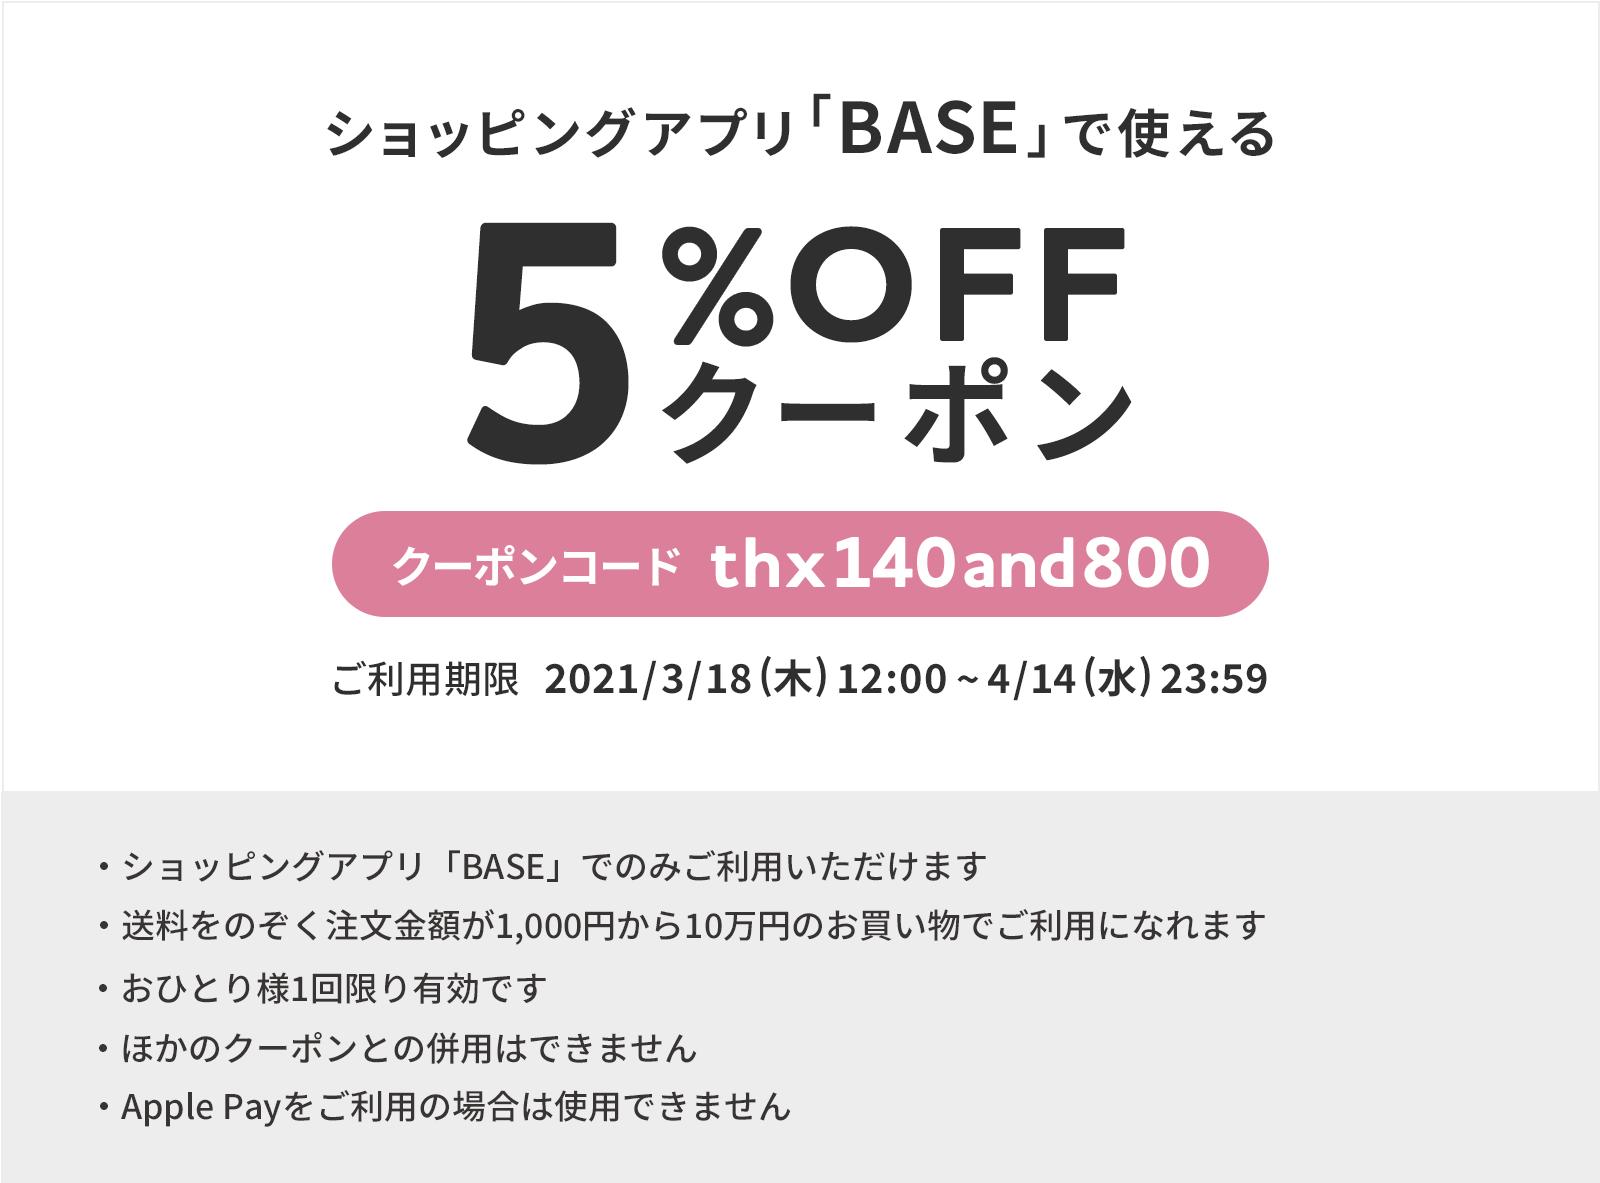 【3/18〜4/14限定!】5%offクーポンのご案内